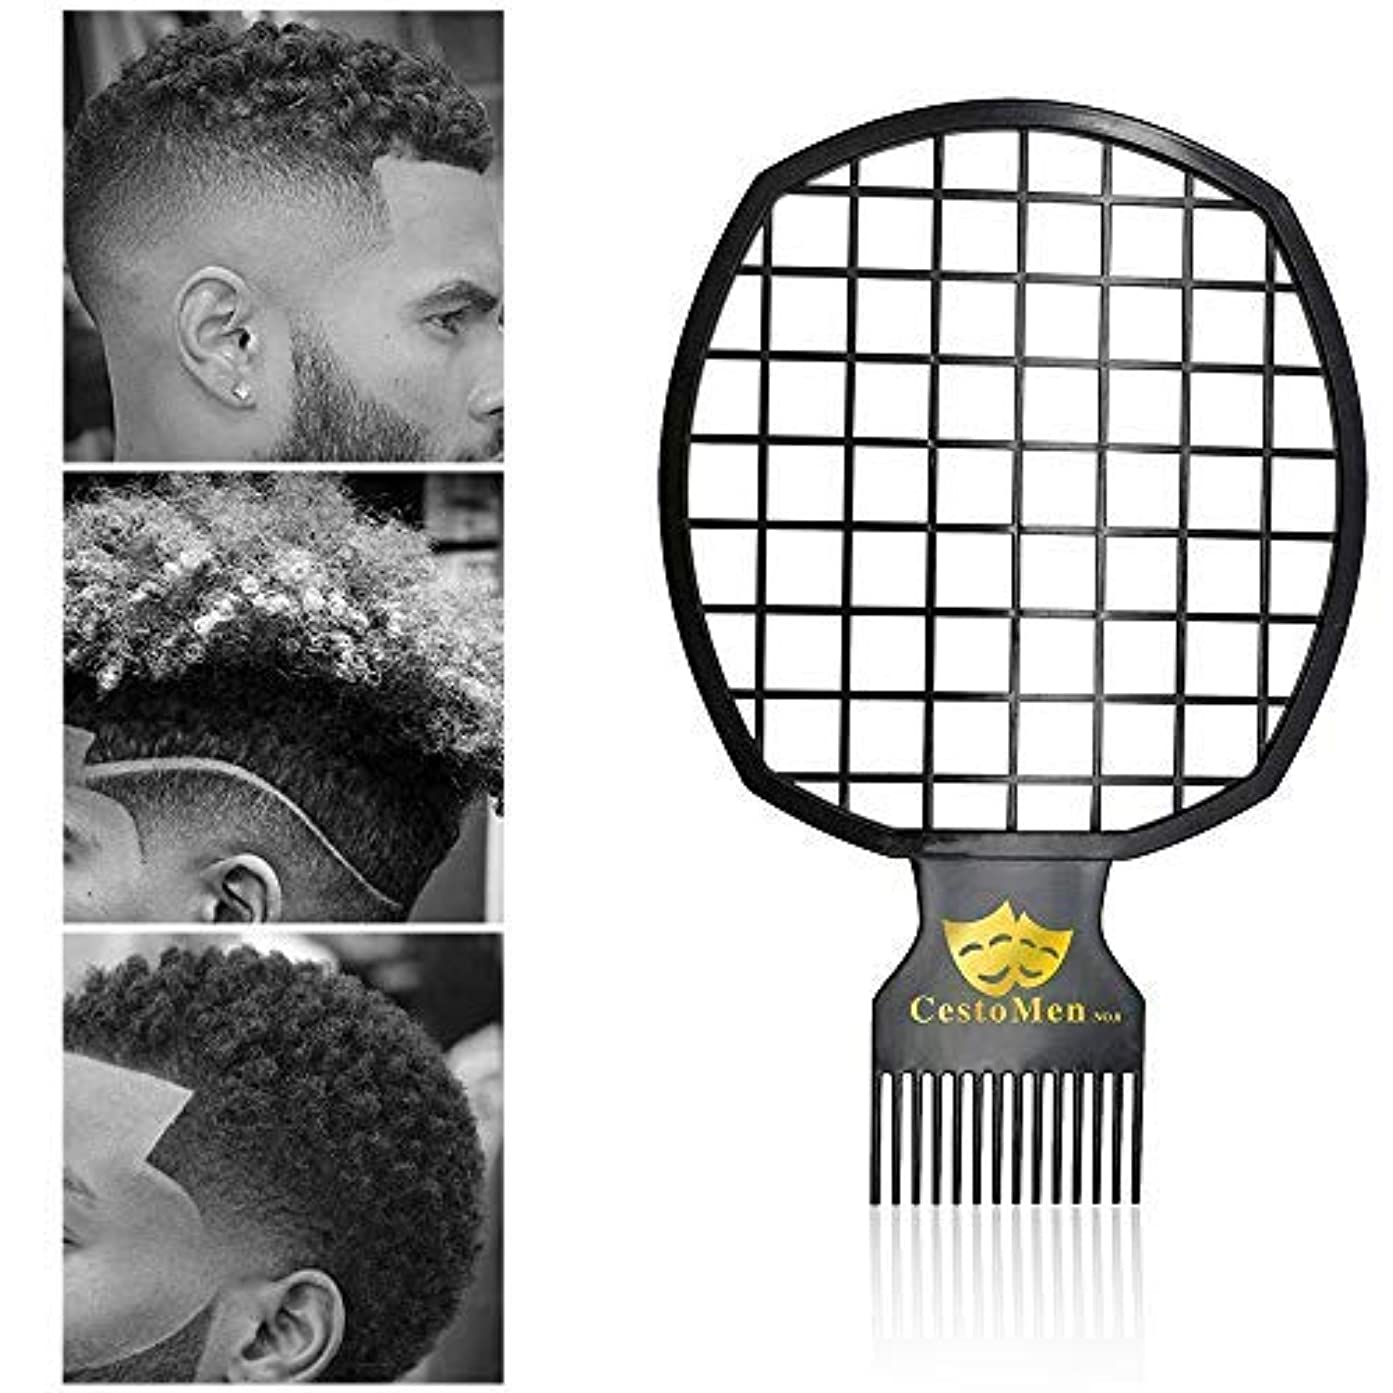 ピルブローホール重要な役割を果たす、中心的な手段となるAfro Twist Comb Portable Two-In-One Hair Comb for Natural Twists Curls Coils Dreads Hair Styling Tool for Black...